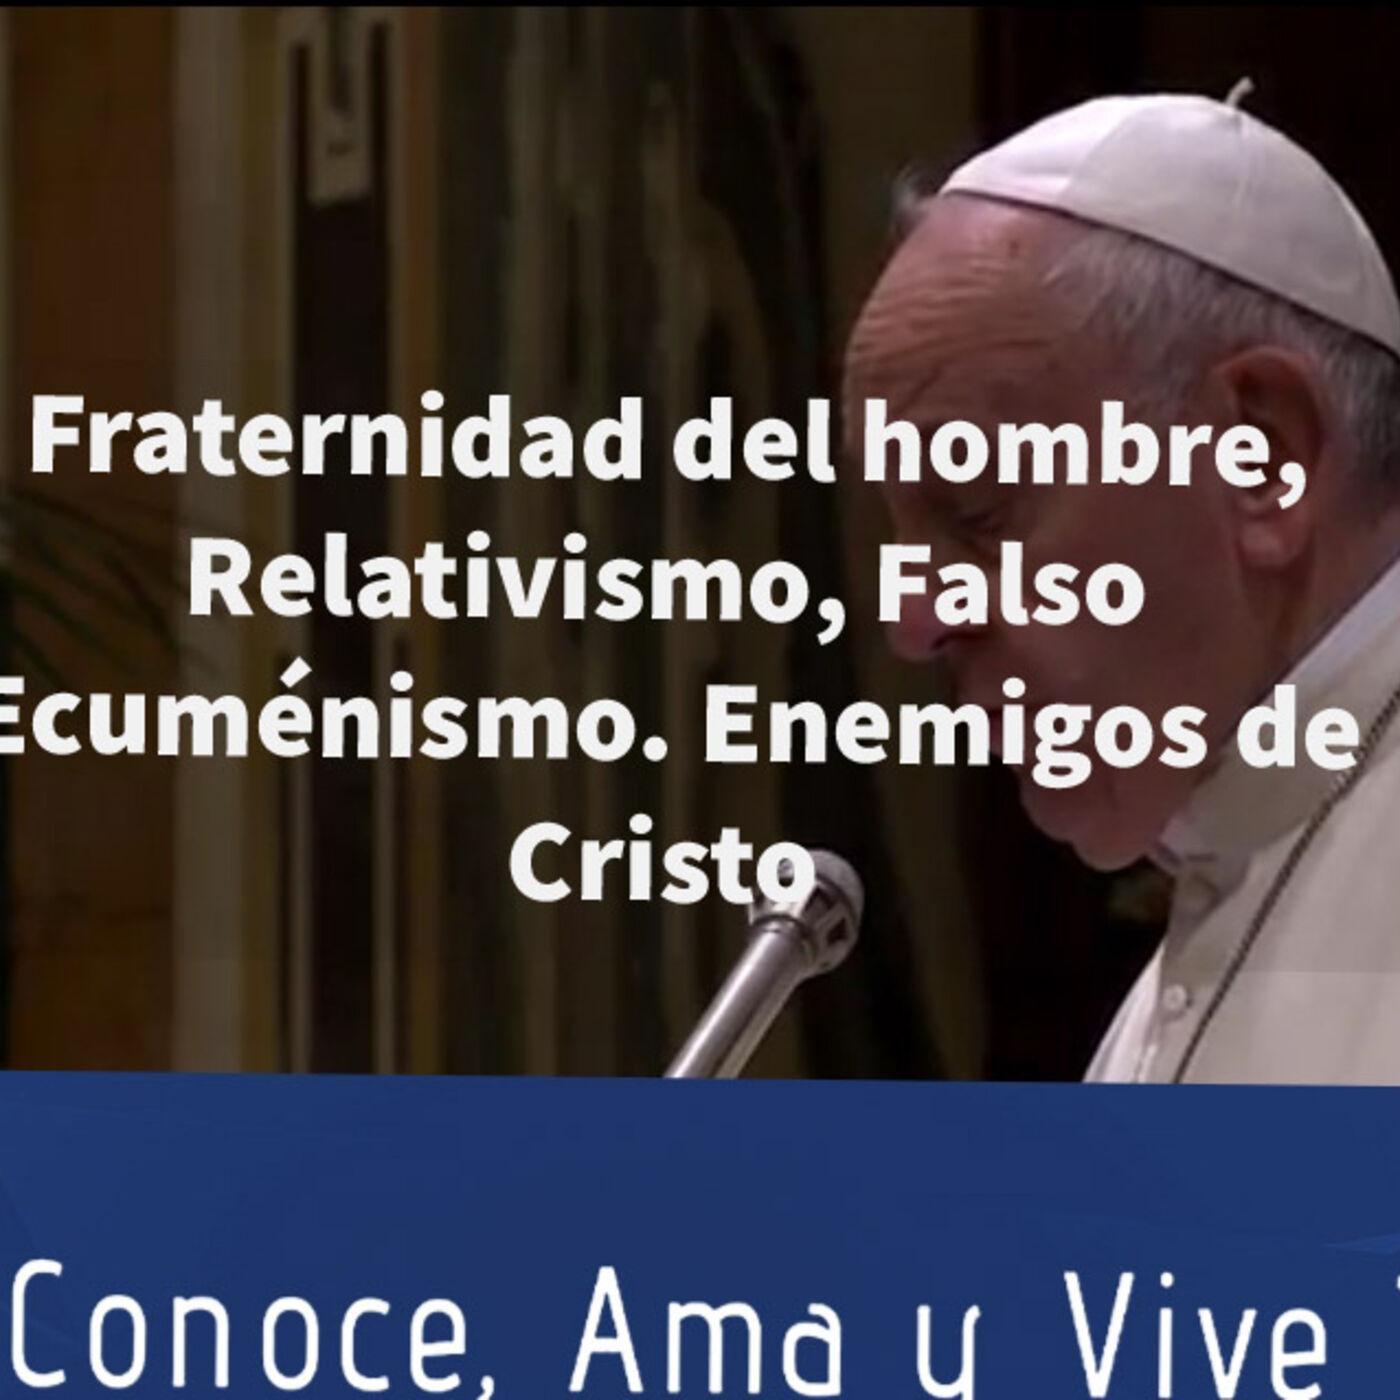 Episodio 112: 🤗 Fraternidad del hombre, Relativismo, Falso Ecuménismo, Casa comun. Todos enemigos de Cristo ✝